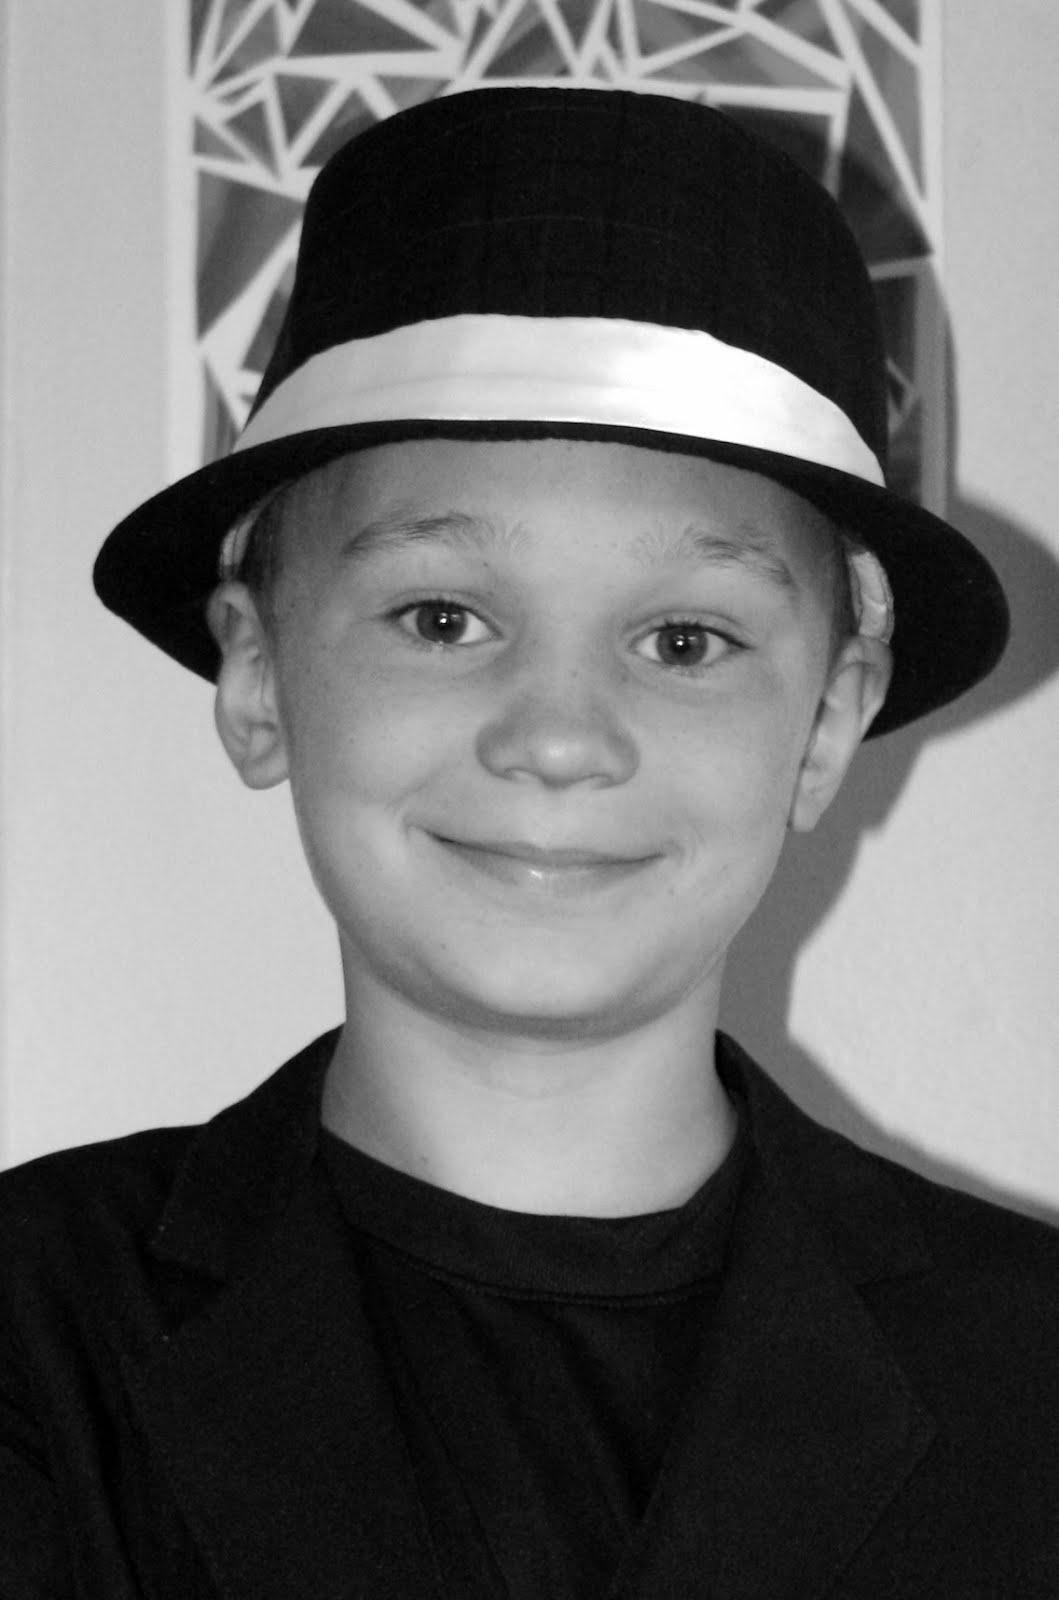 Josiah, 10